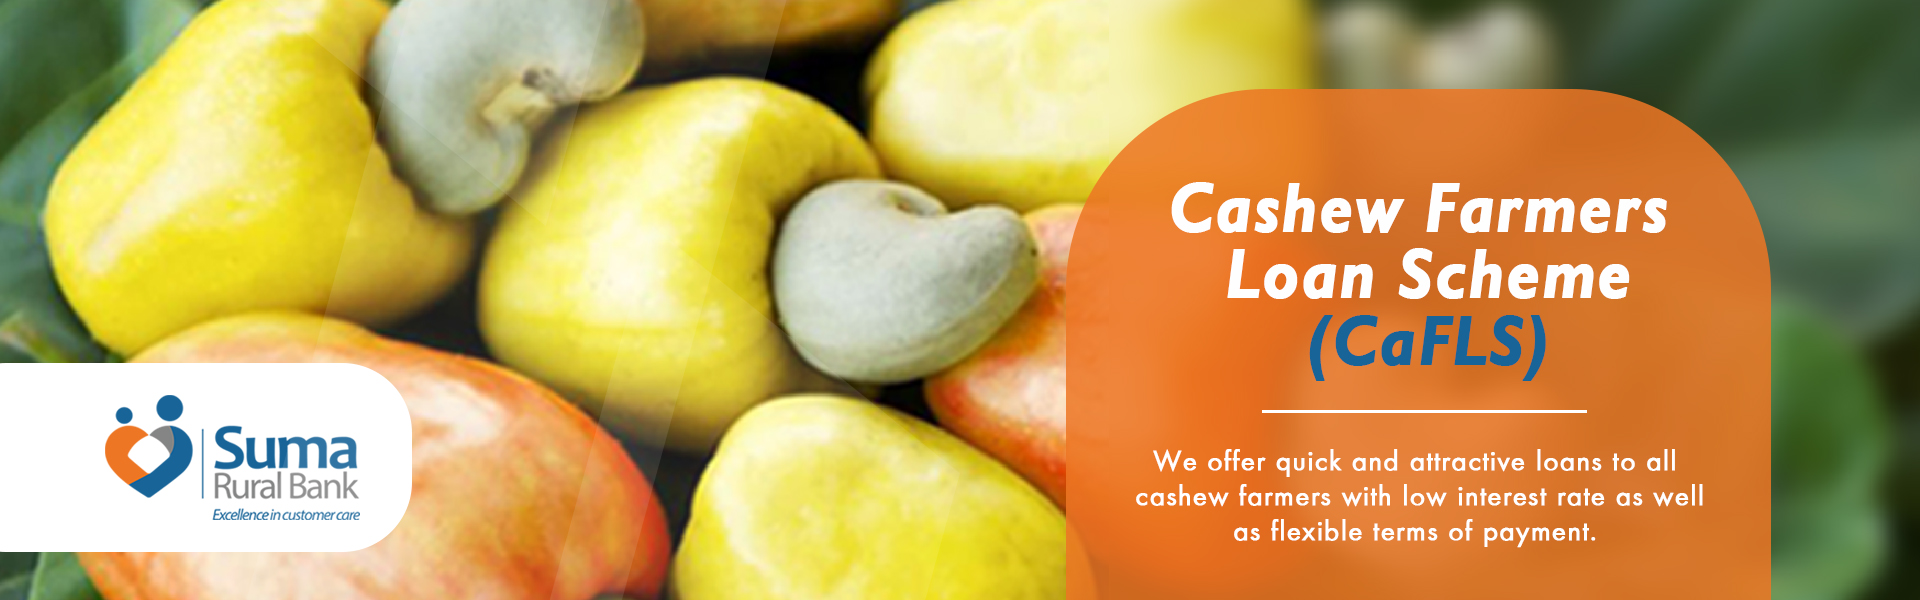 suma Product flyers cashew